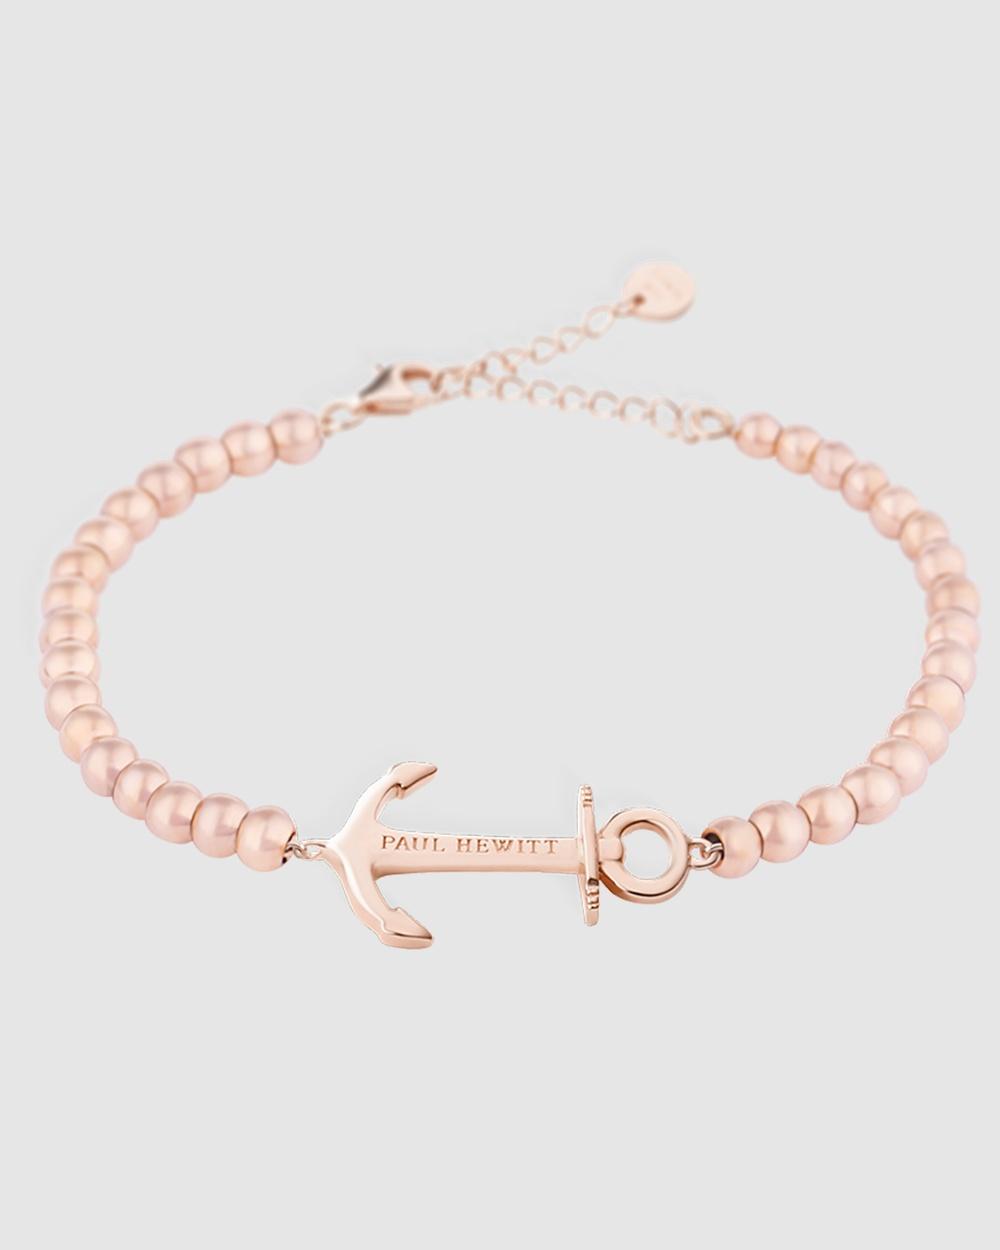 Paul Hewitt Anchor Spirit Stainless Steel Bracelet Jewellery Rose Gold